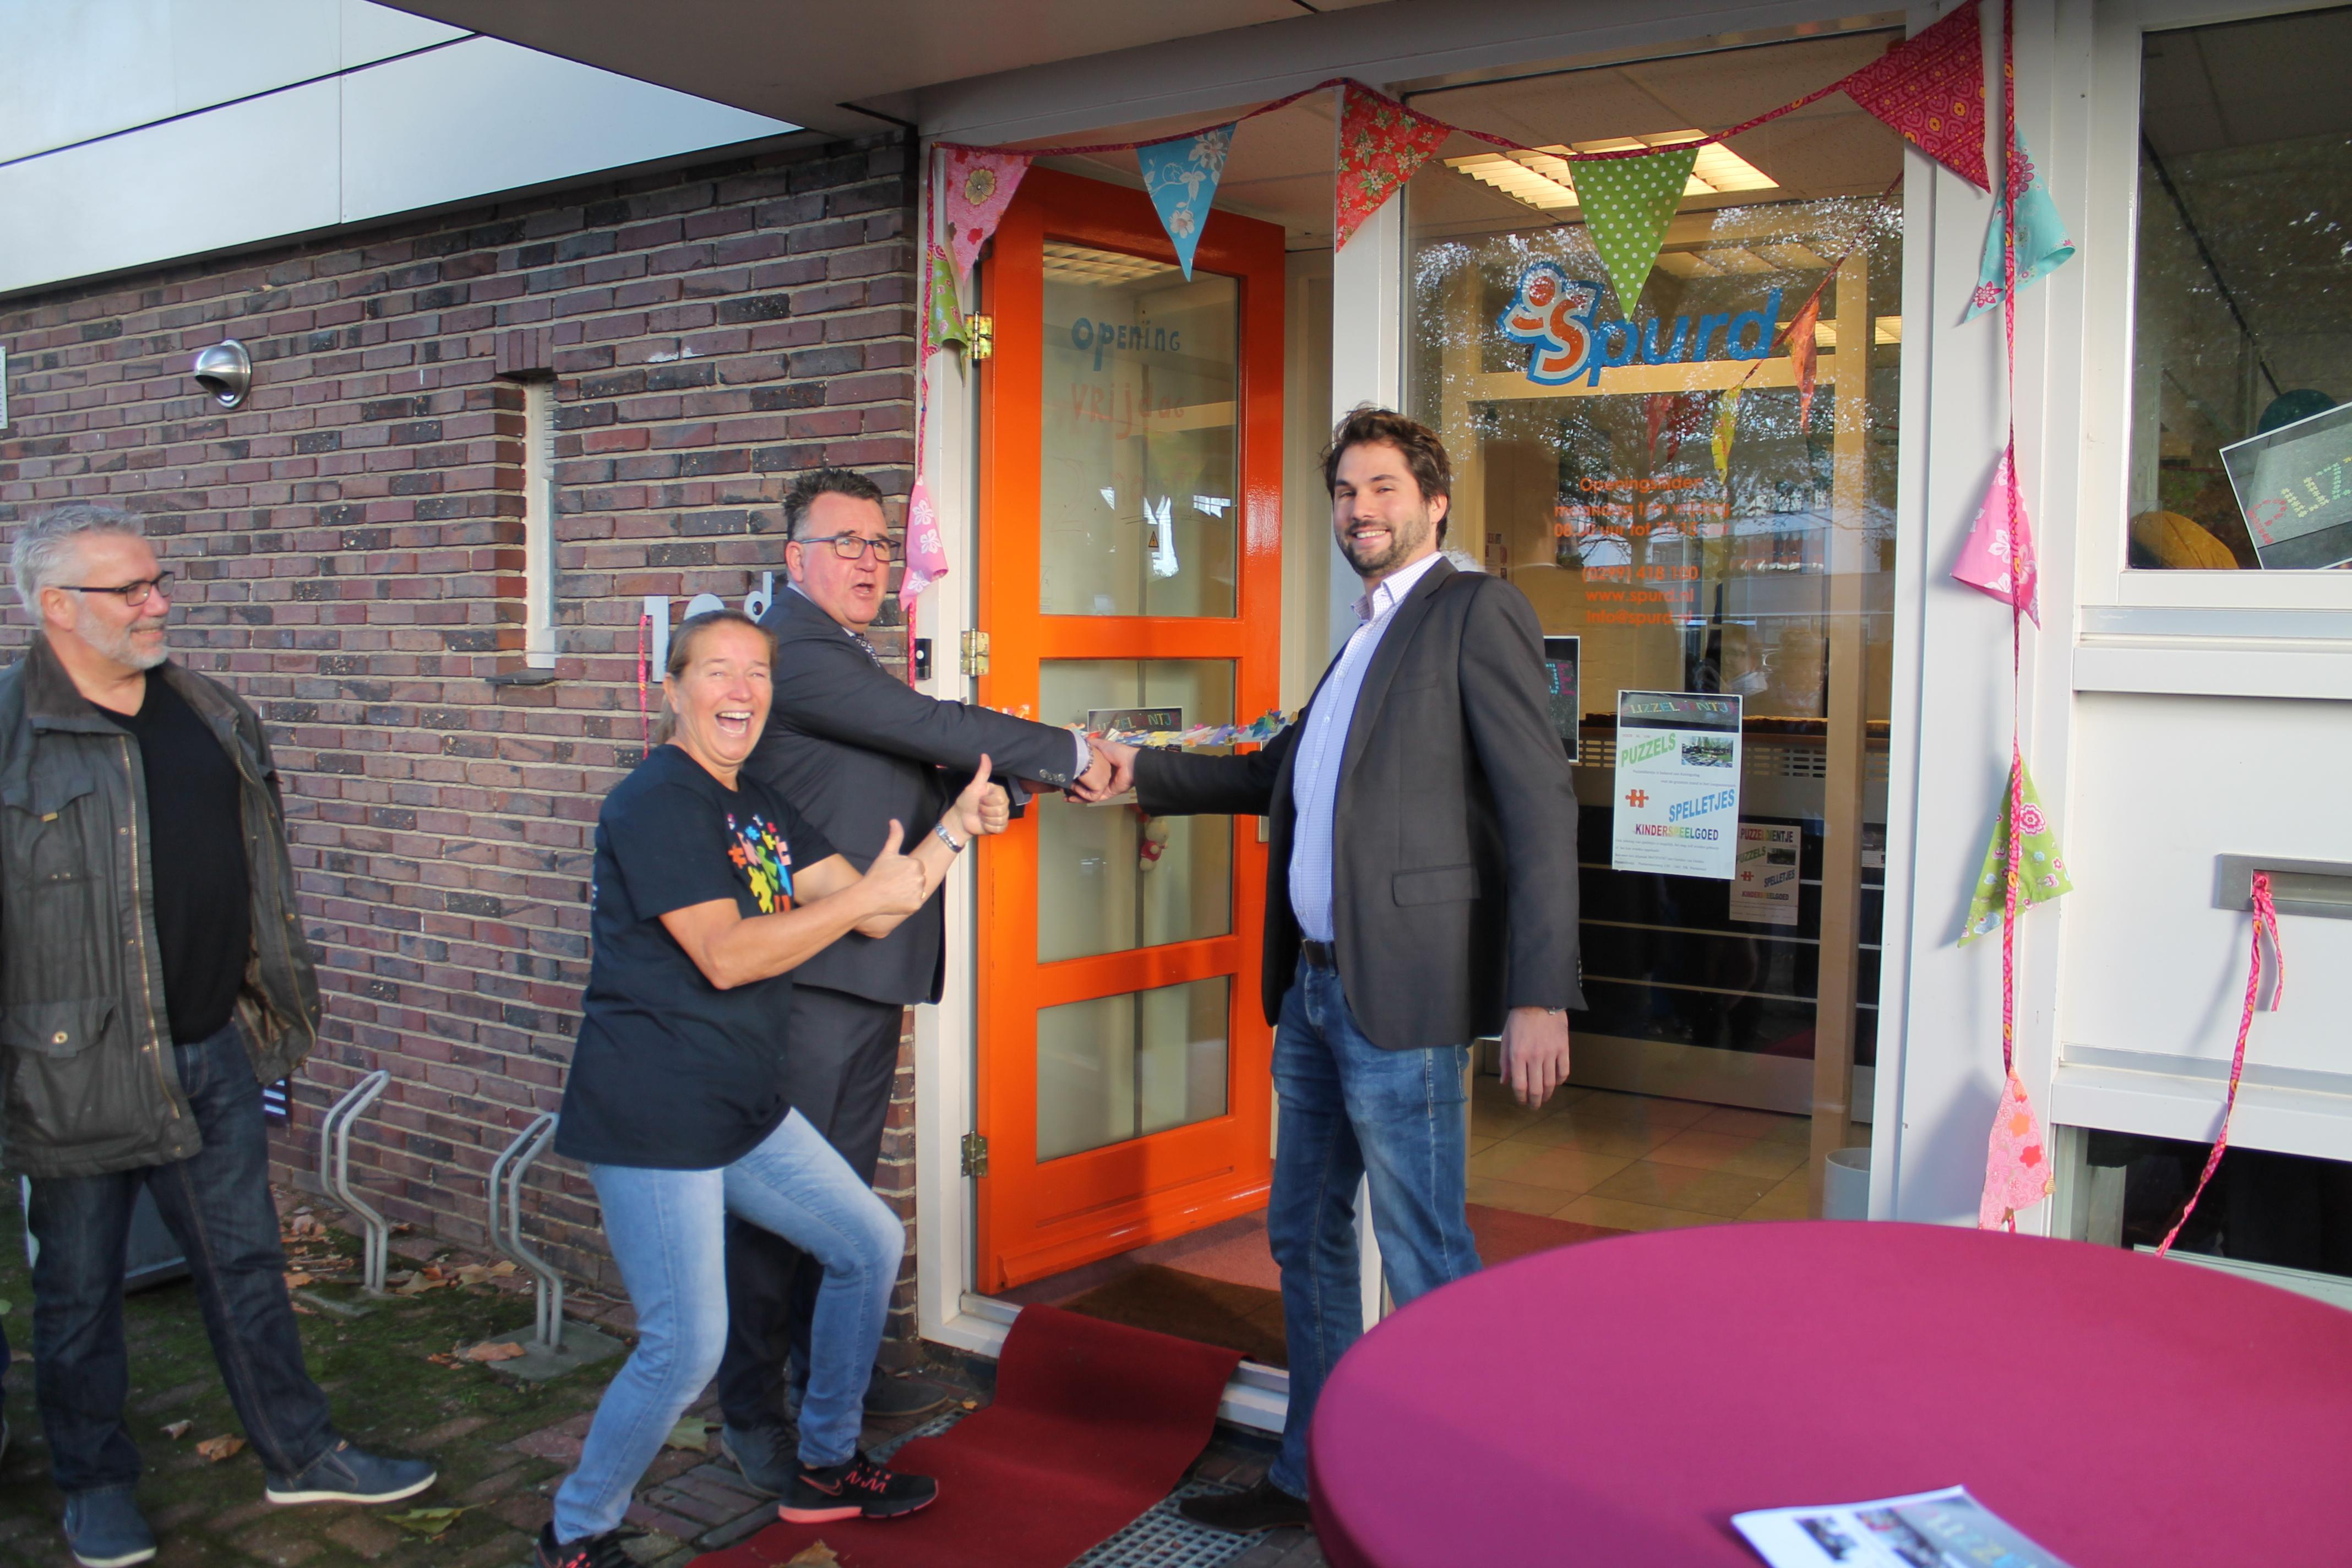 Gerdien van Delden (tweede van links) kijkt tevreden toe hoe Thijs Kroese en Mario Hegger de winkel openen. (Foto: RM/Michael Brouwers)